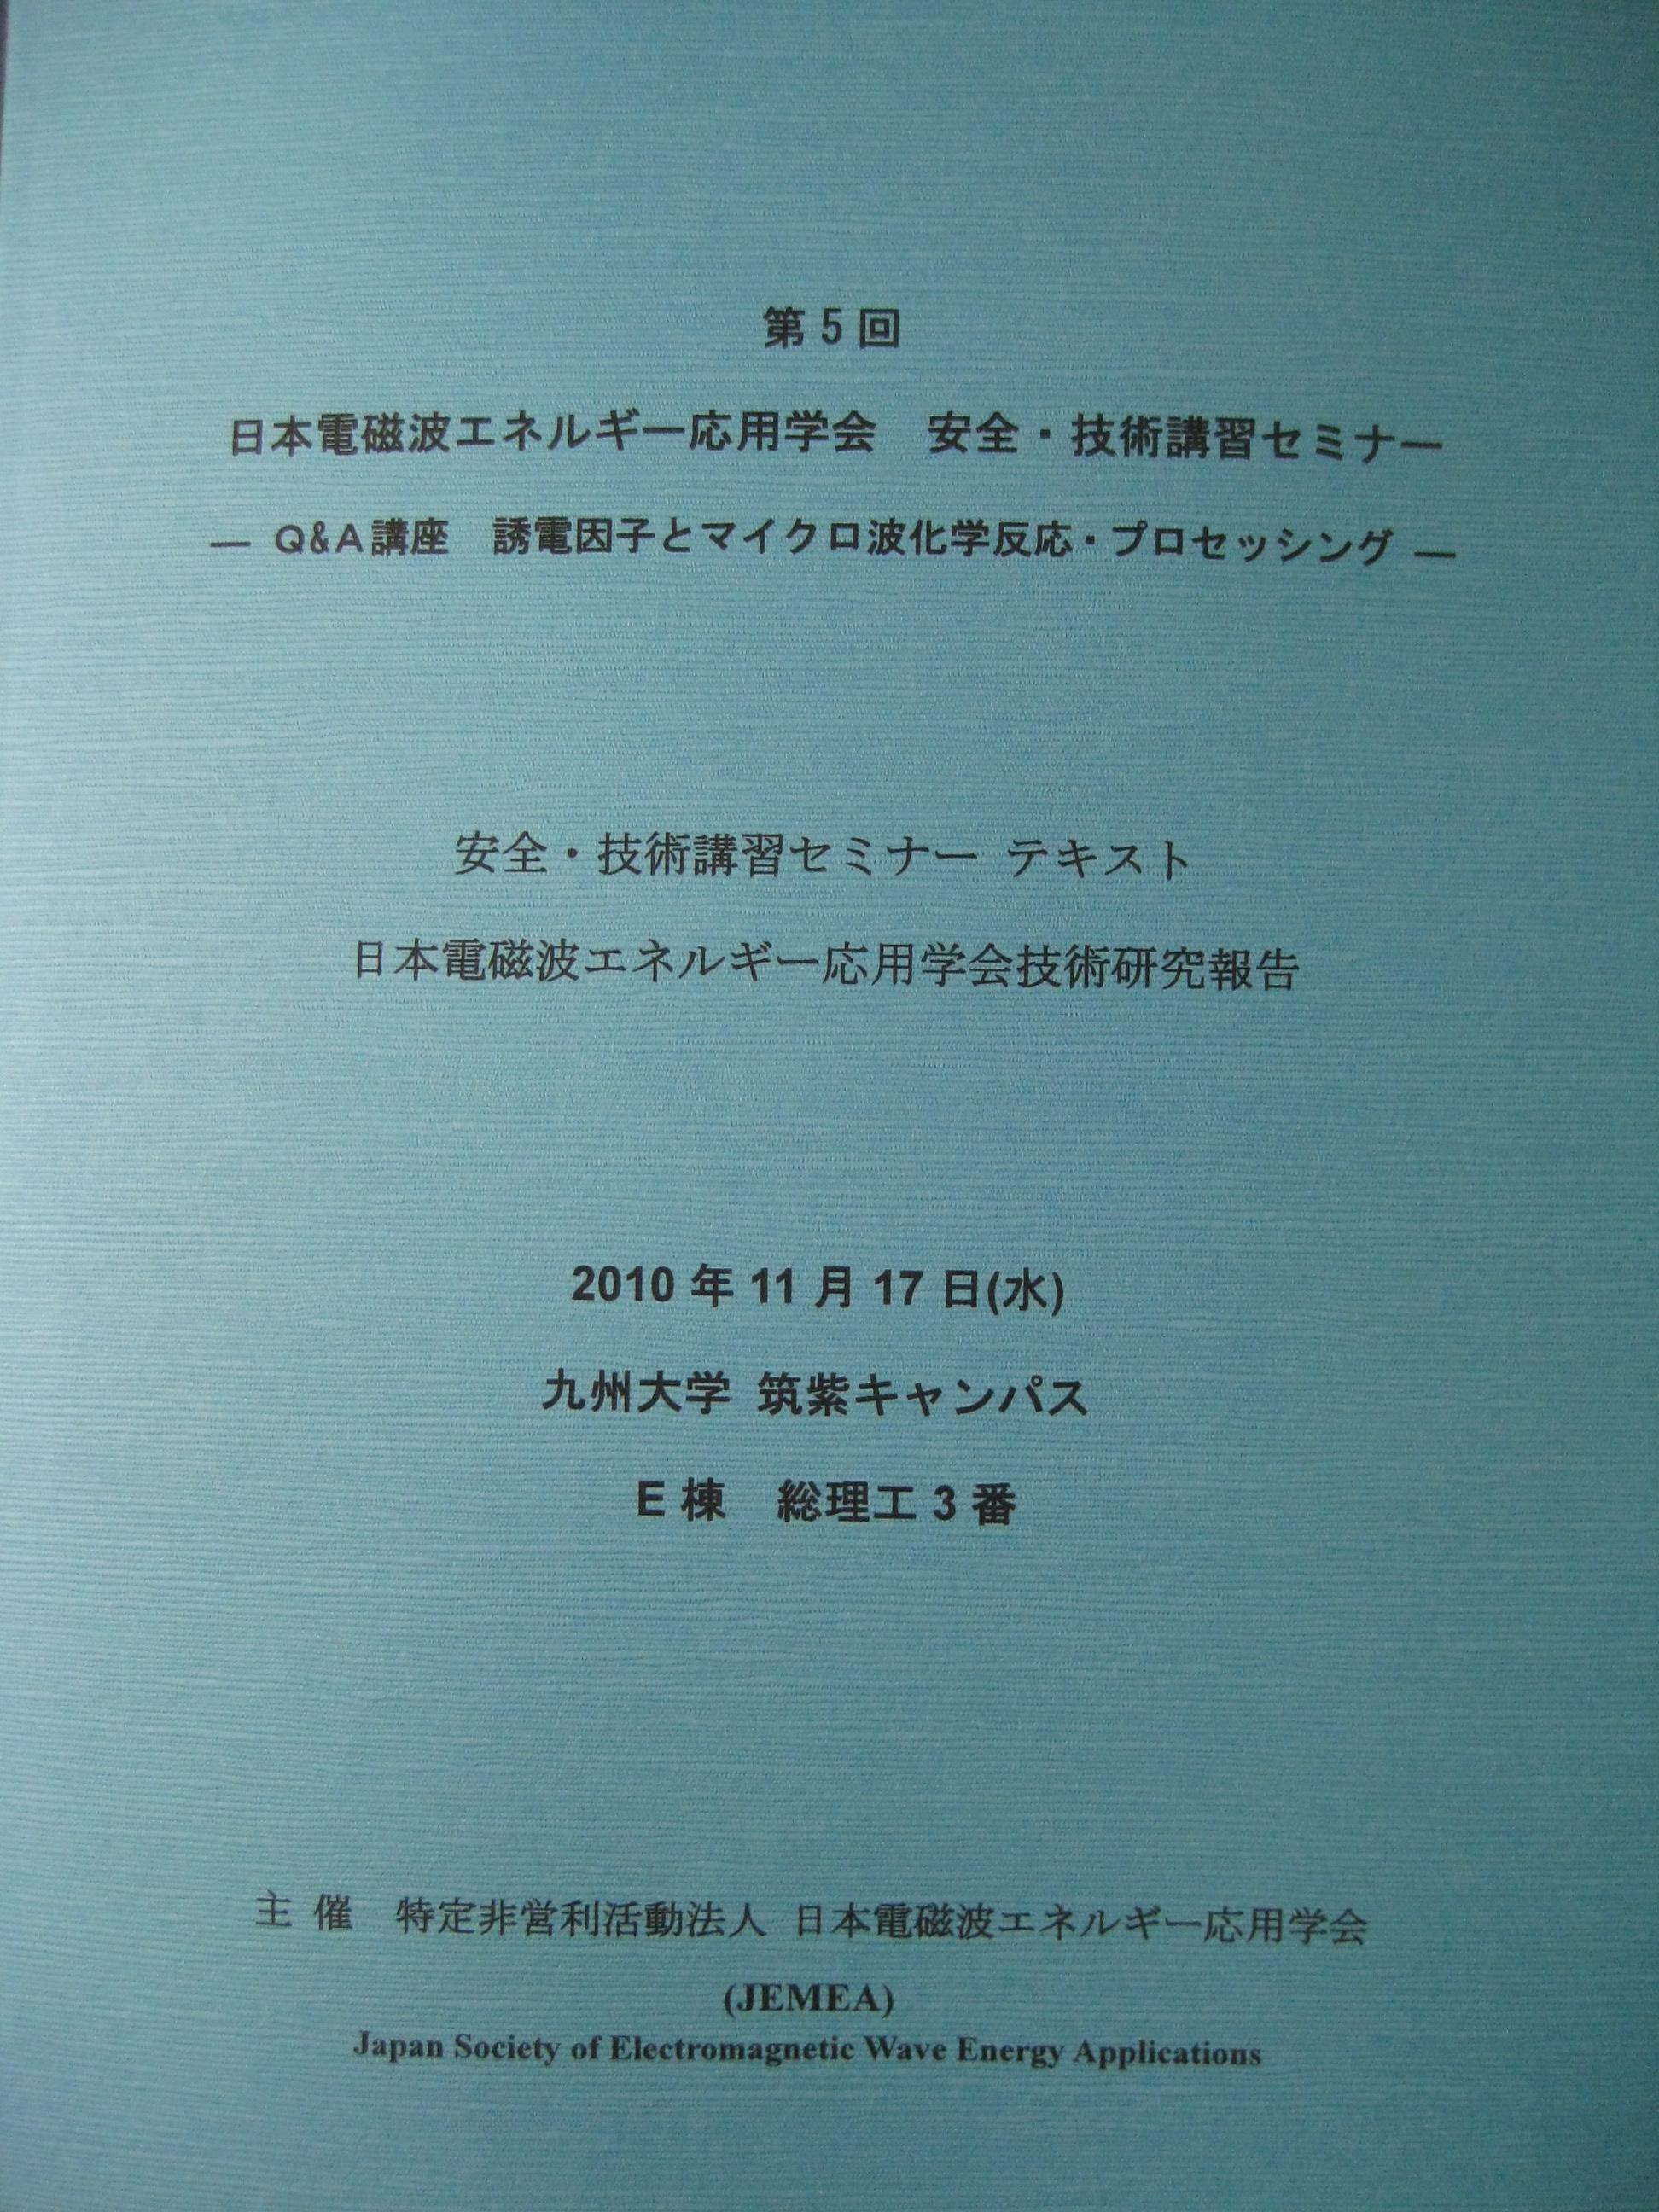 JEMEA019